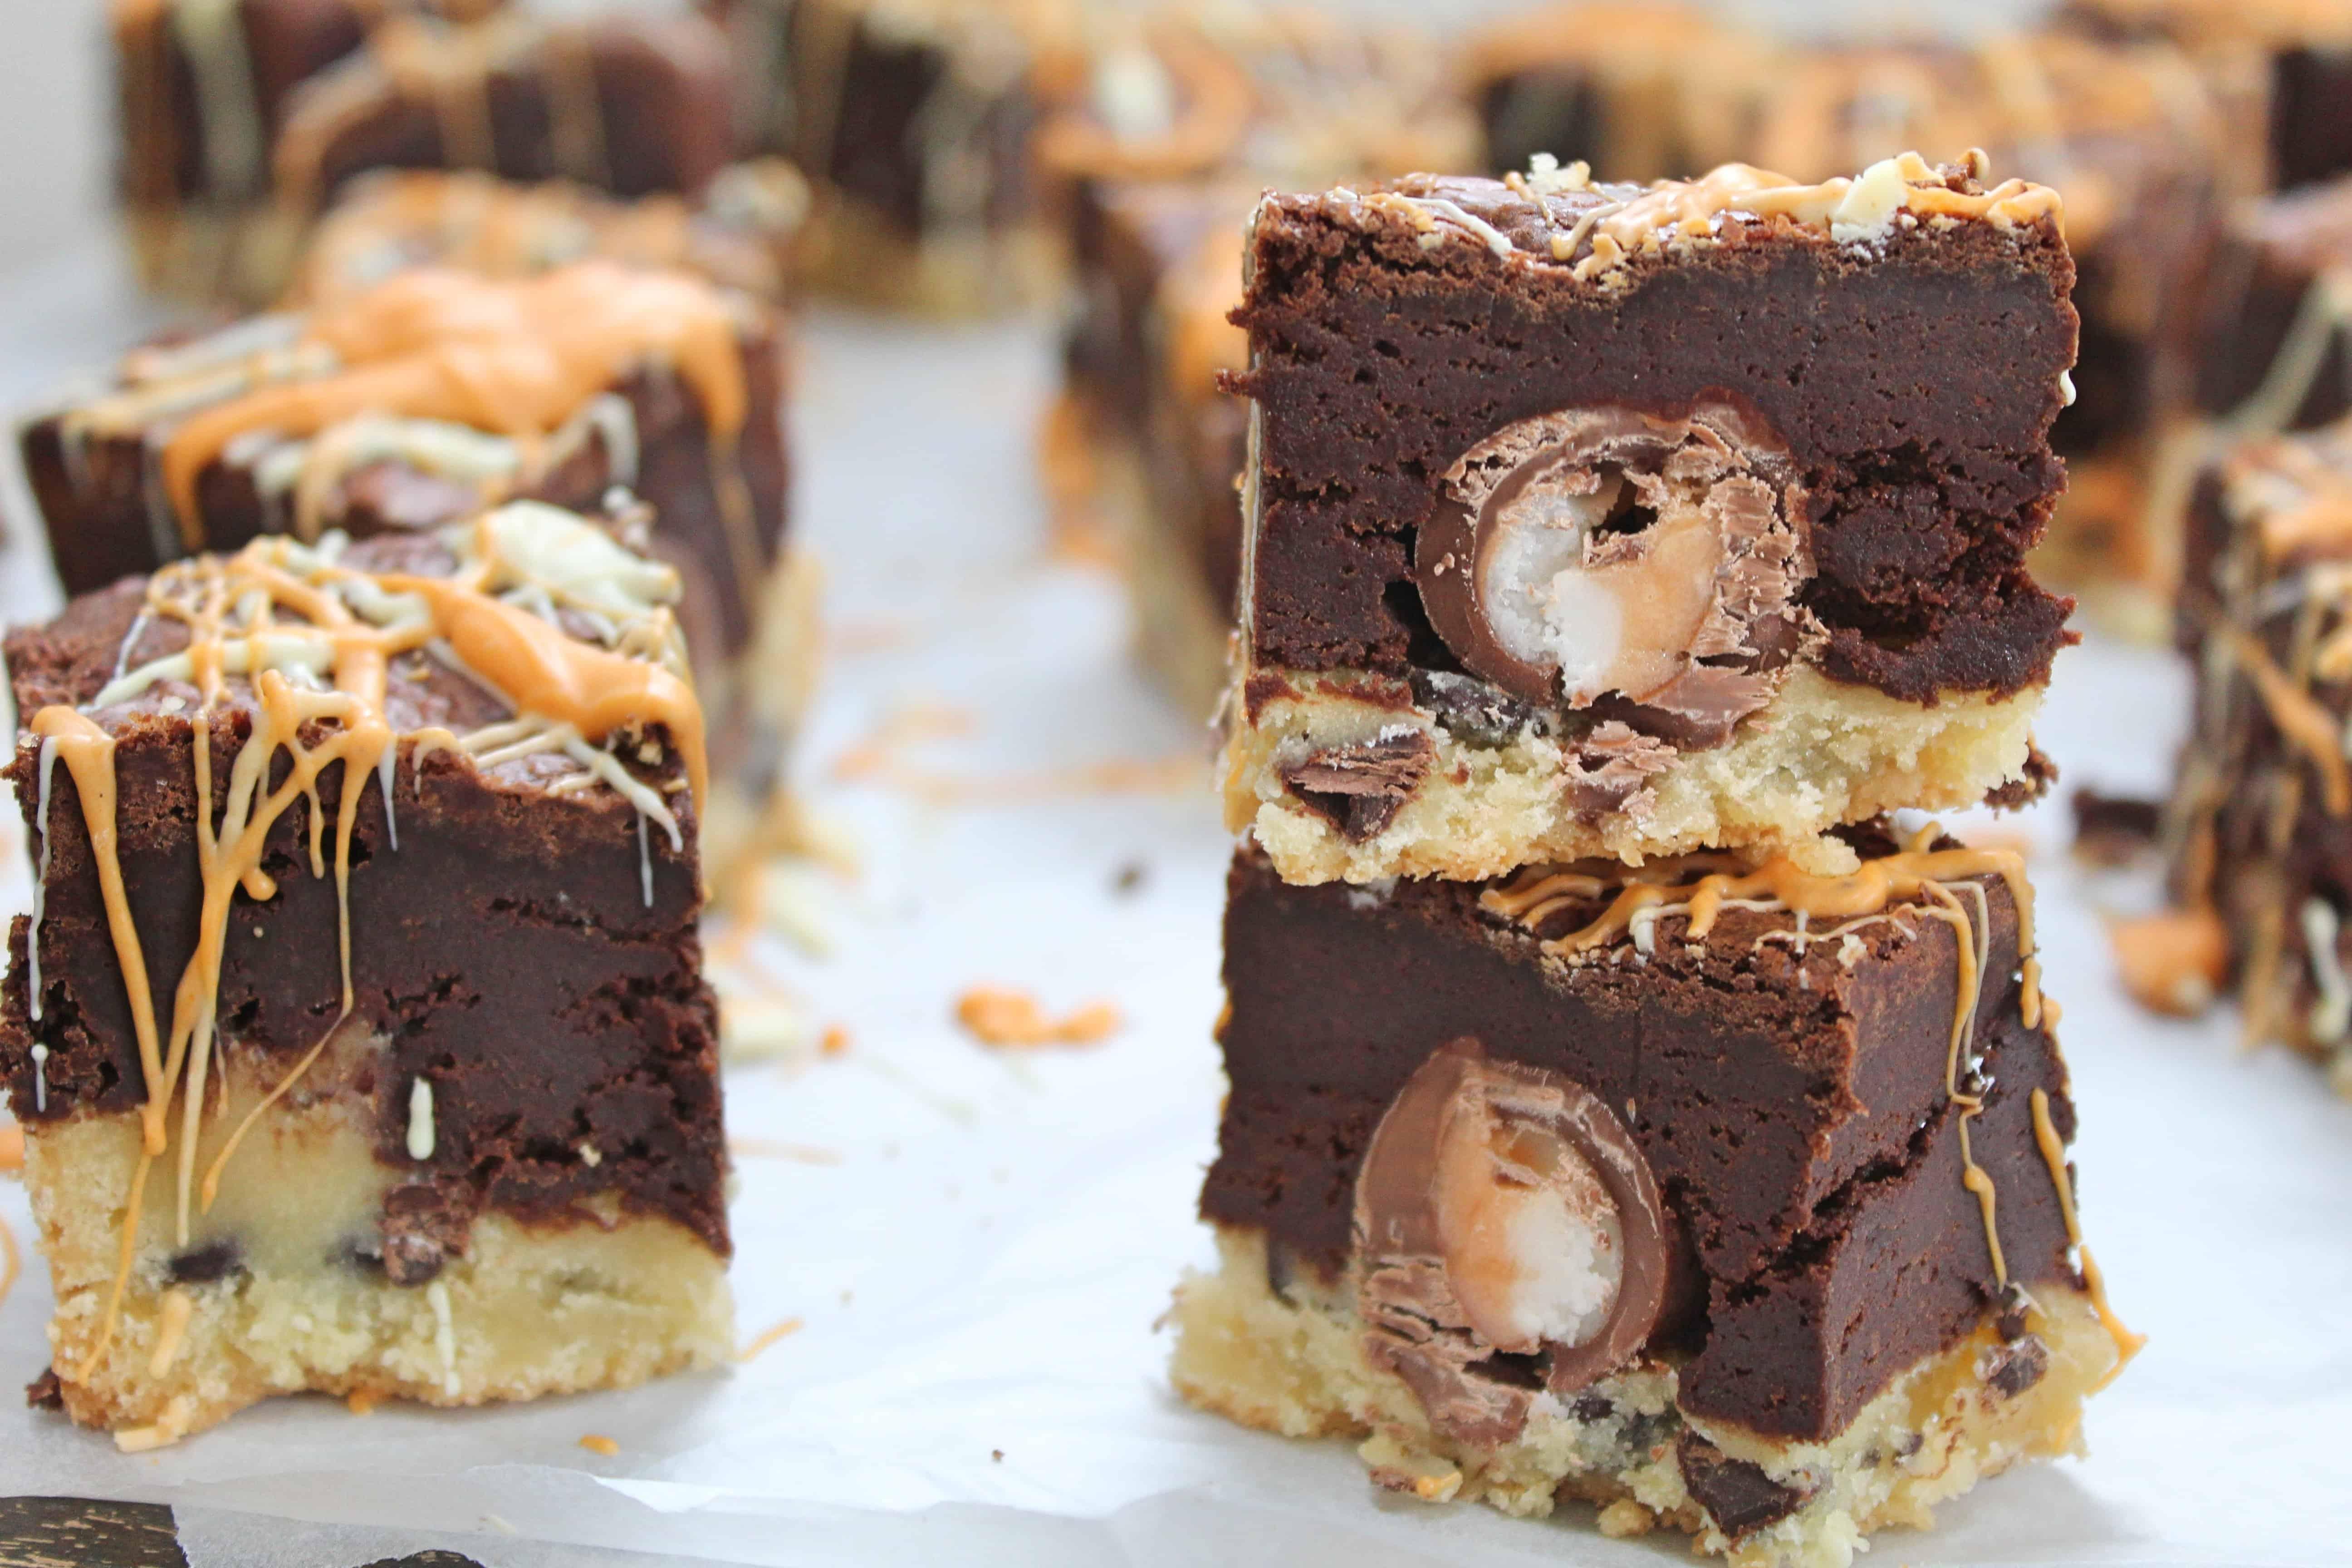 gluten free creme egg slutty brownies recipe